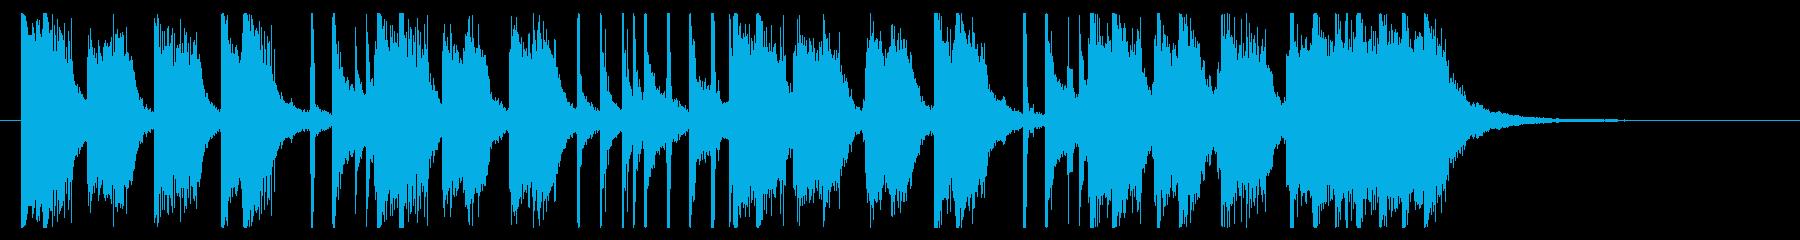 勢いのあるパンクロック調ジングルの再生済みの波形